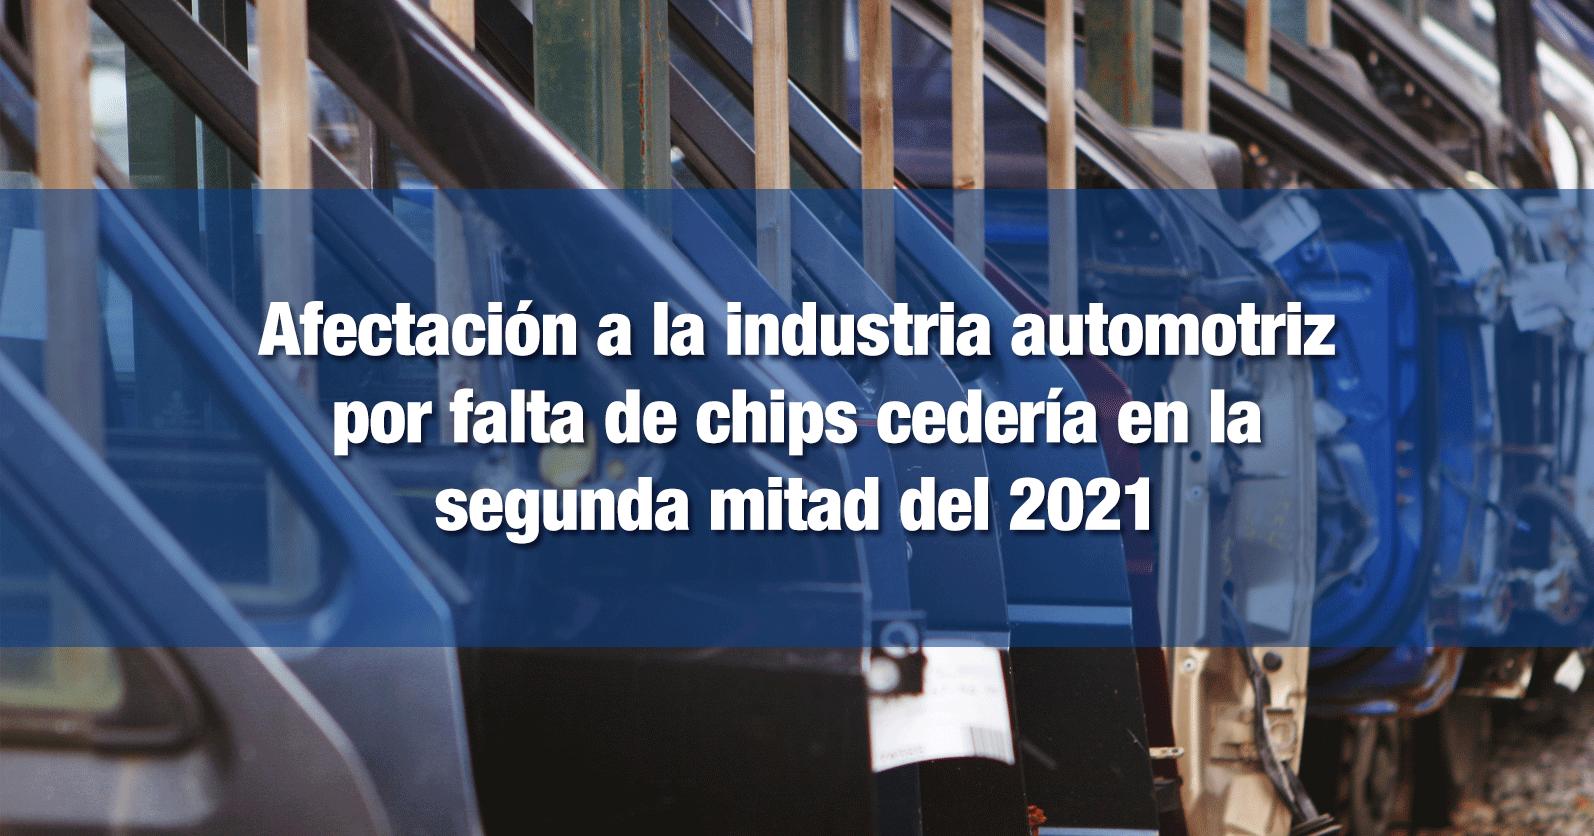 Afectación a la industria automotriz por falta de chips cedería en la segunda mitad del 2021